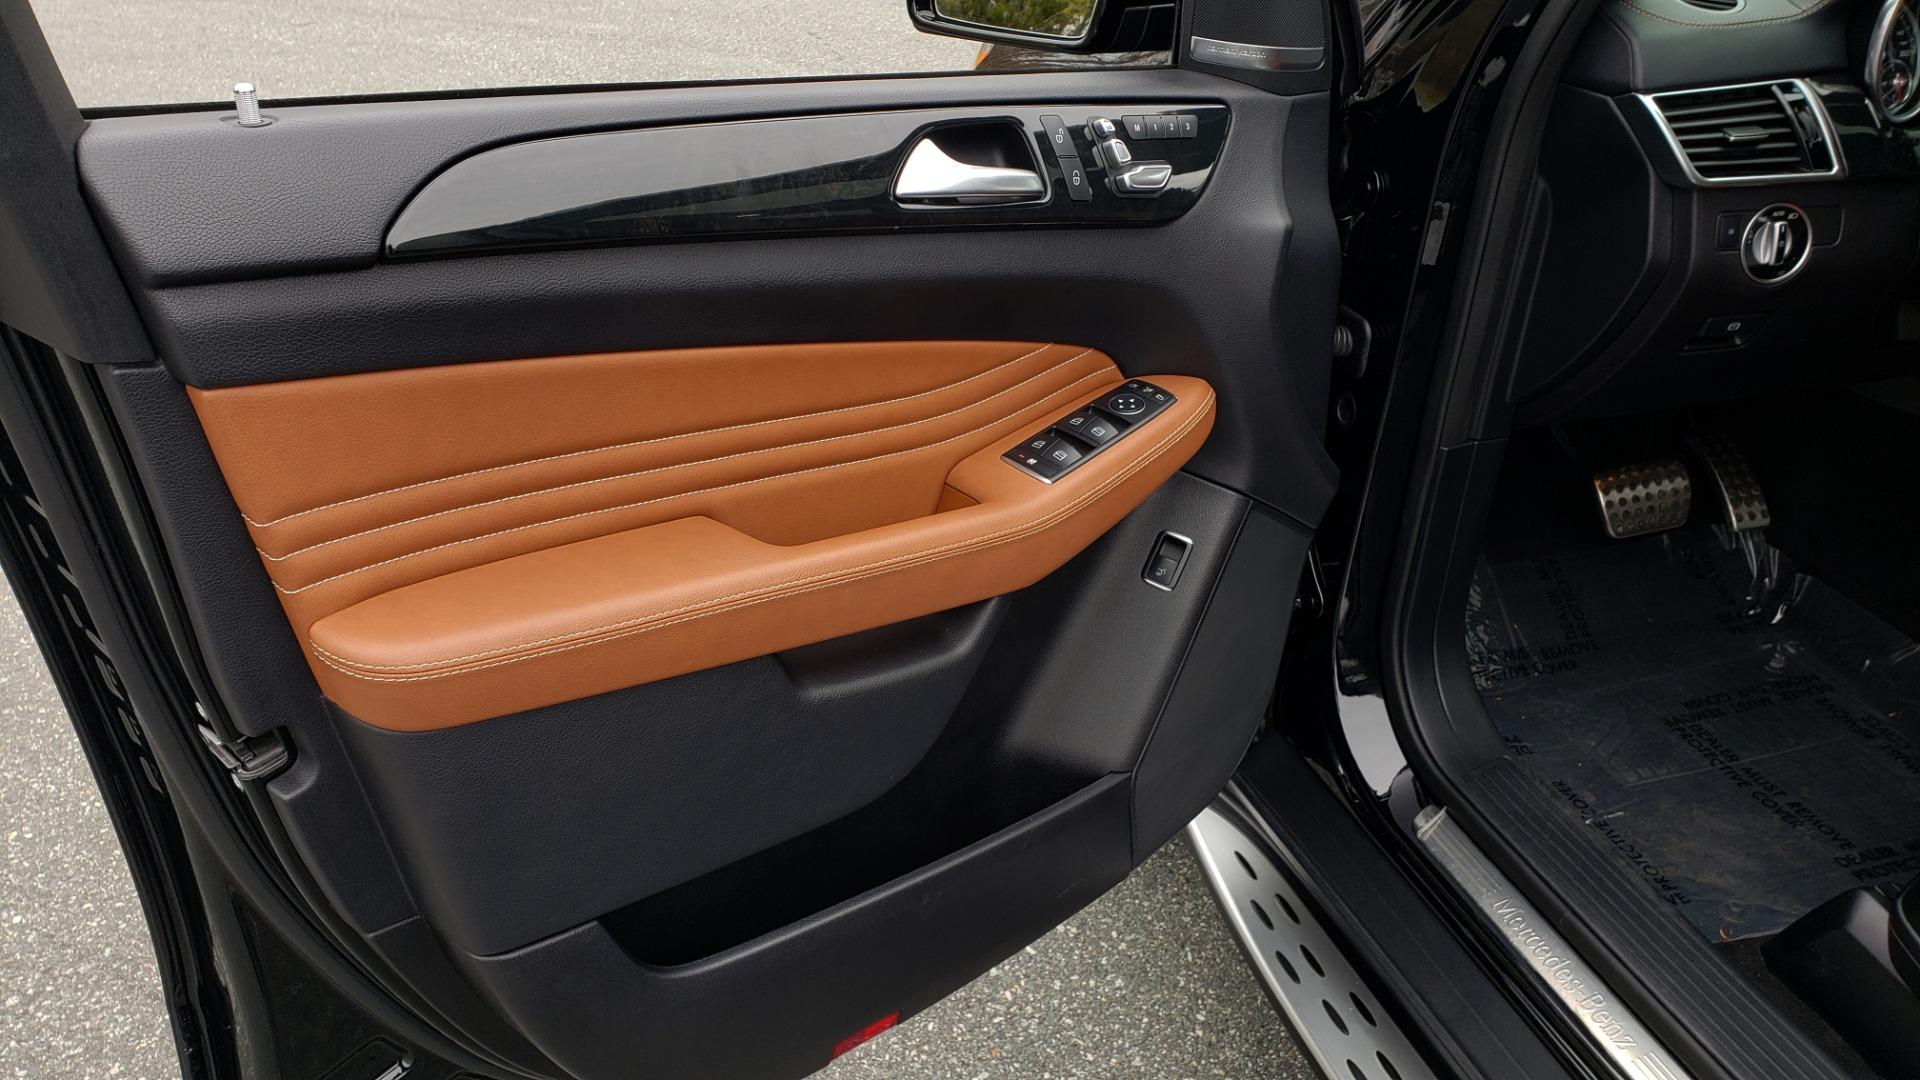 Used 2016 Mercedes-Benz GLE 450 AMG / AWD / PREM PKG / PARK ASST / DRVR ASST / SUNROOF for sale Sold at Formula Imports in Charlotte NC 28227 35